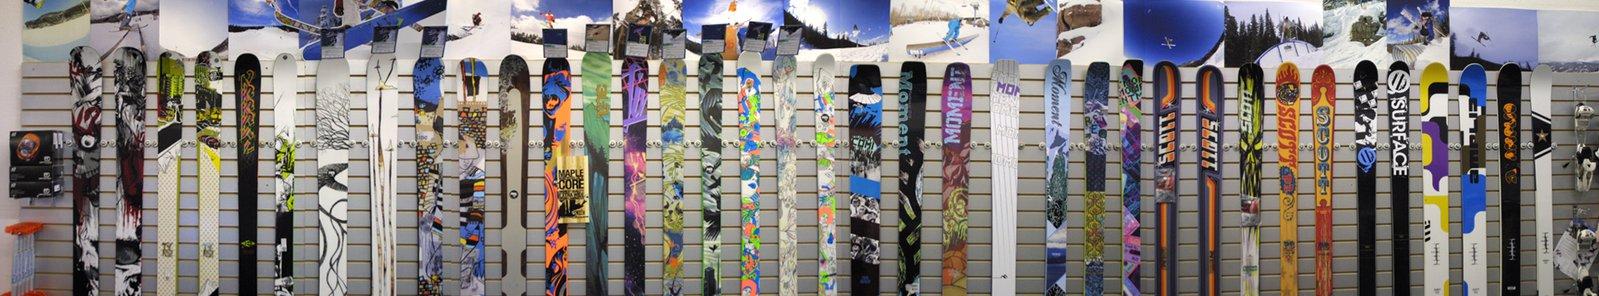 Jibij Ski Wall